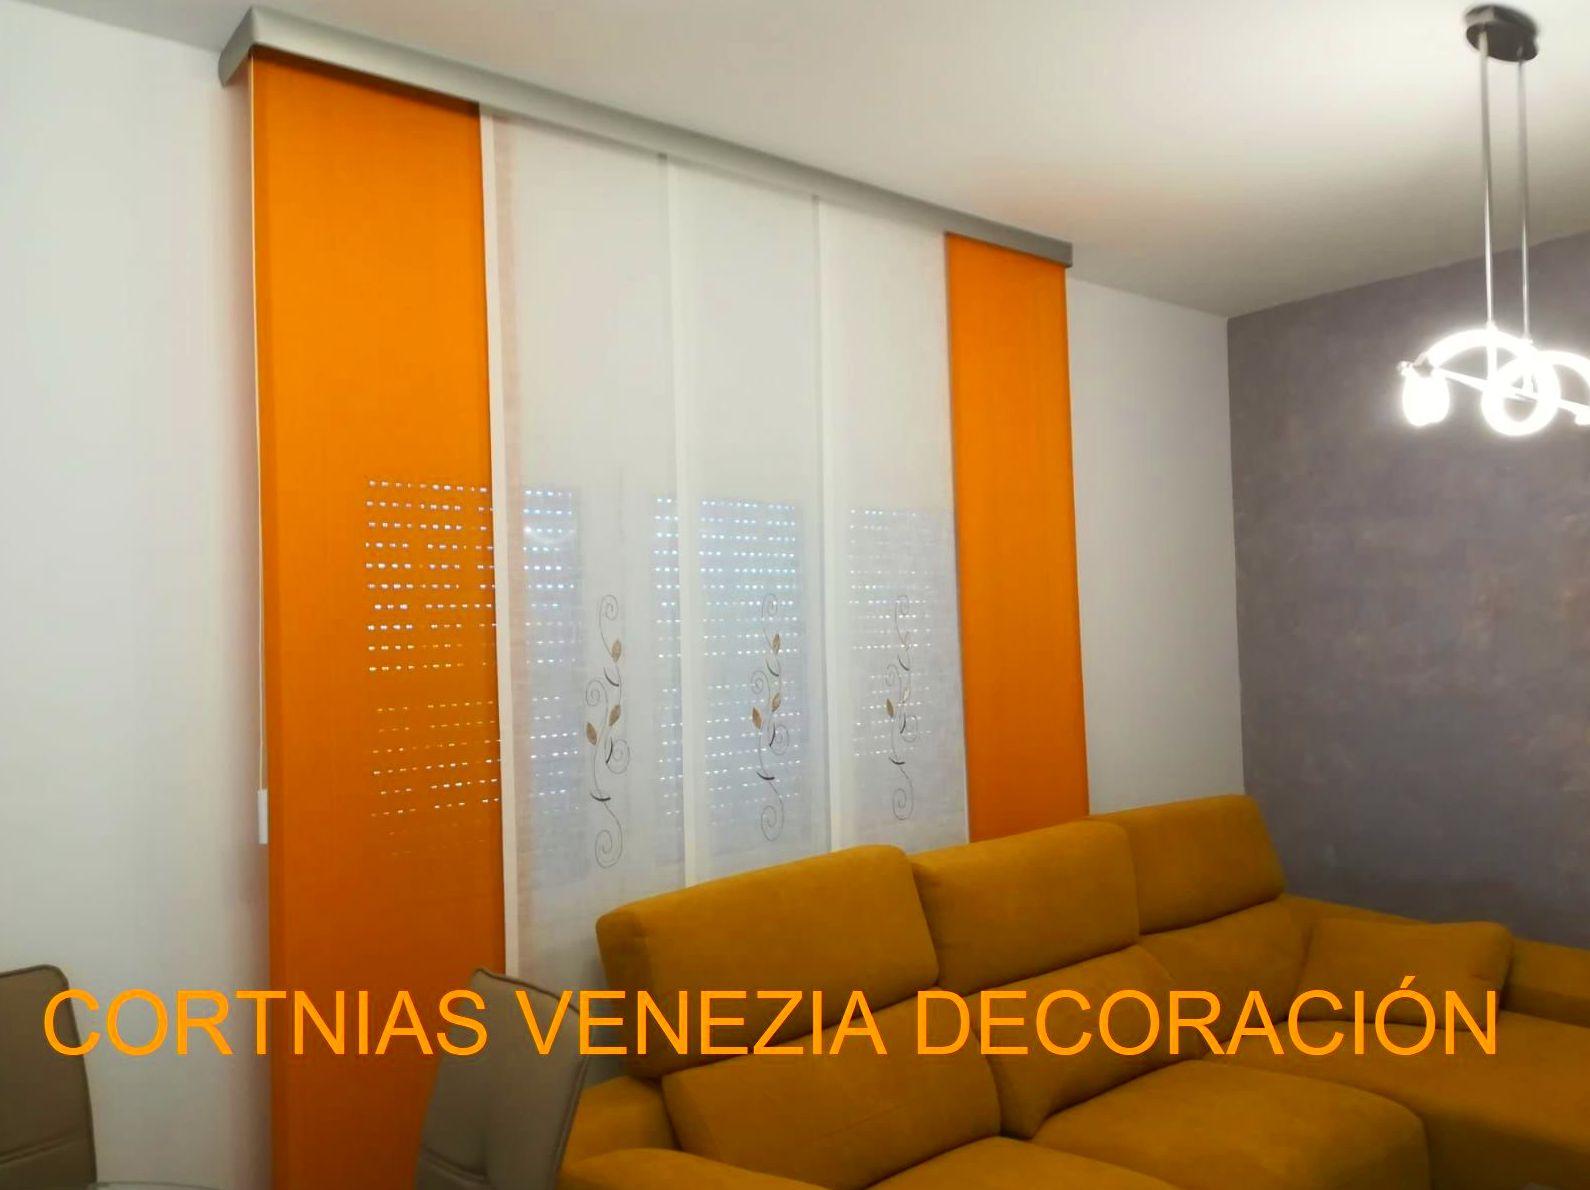 Foto 64 de Cortinas en Albacete | Venezia Decoración